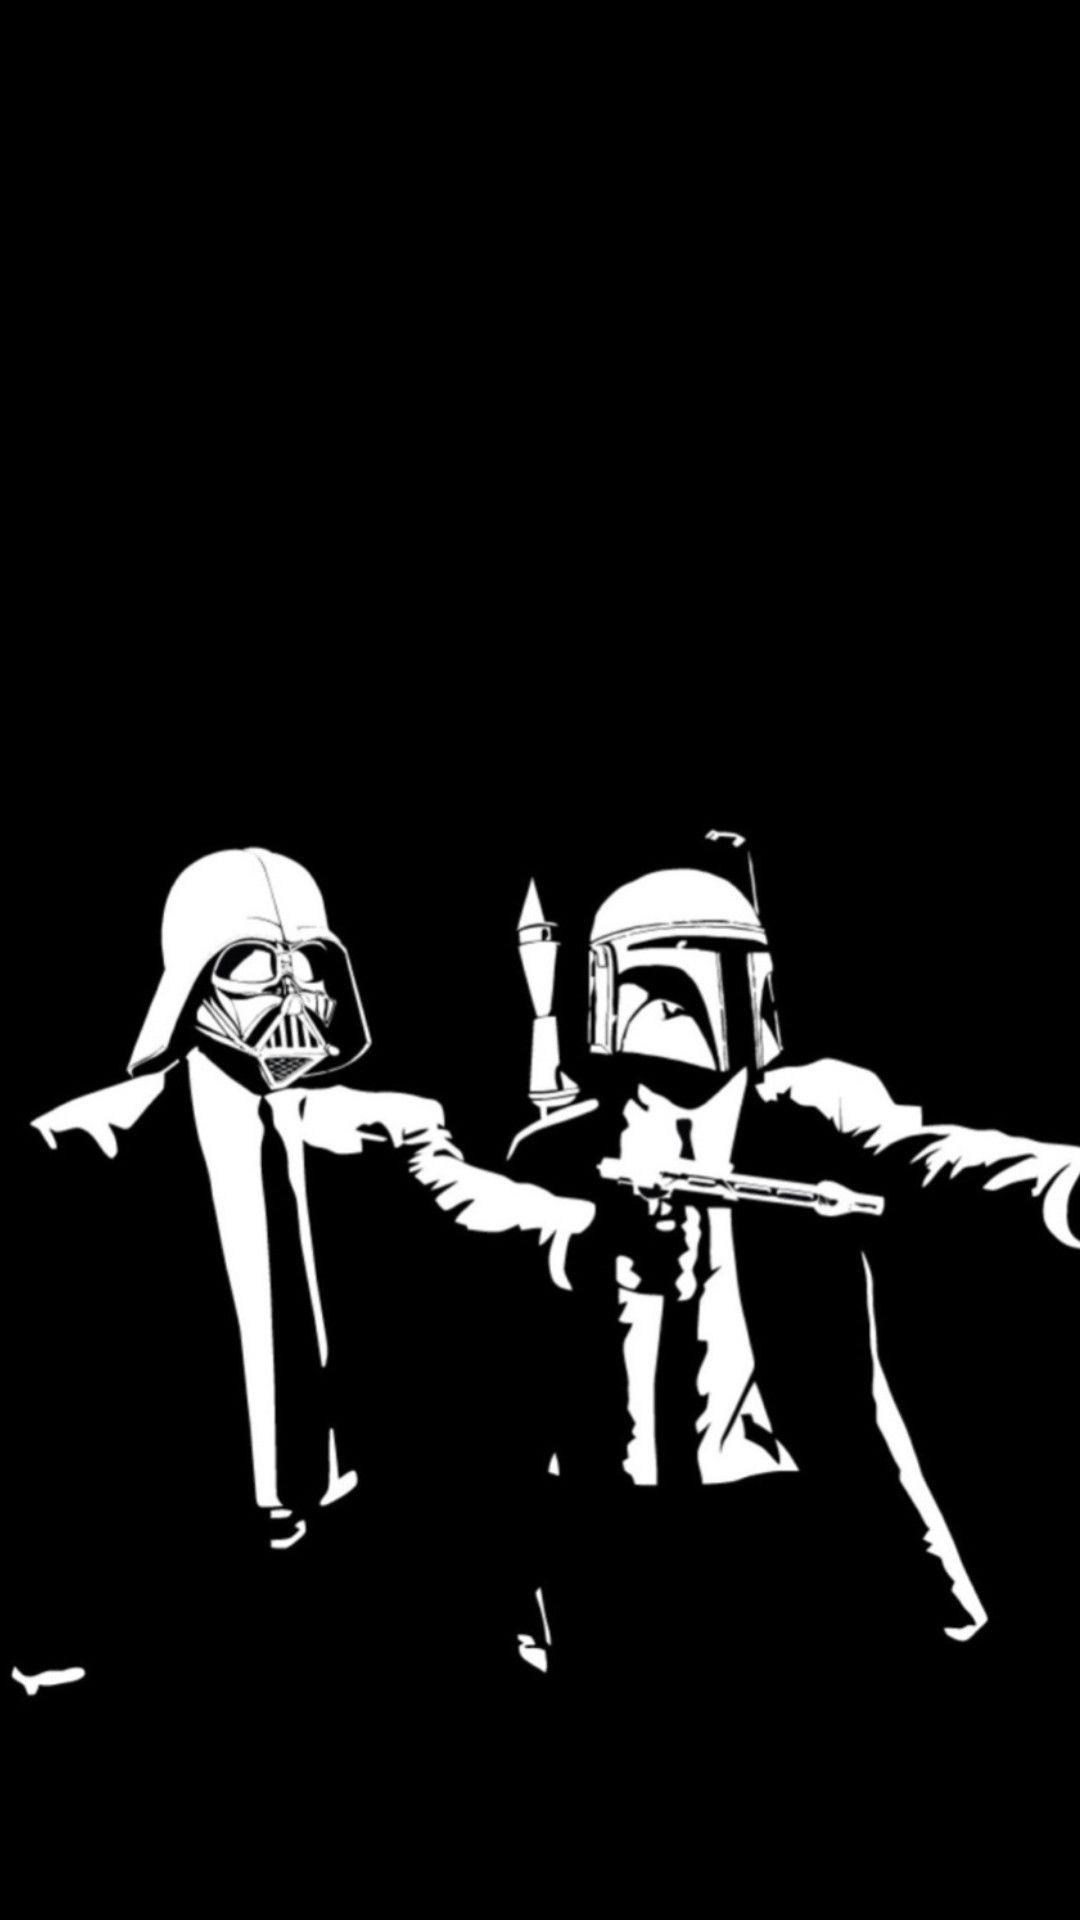 1080x1920 Pulp Fiction Vs Star Wars Wallpaper Star Wars Wallpaper Star Wars Wallpaper Iphone Pulp Fiction